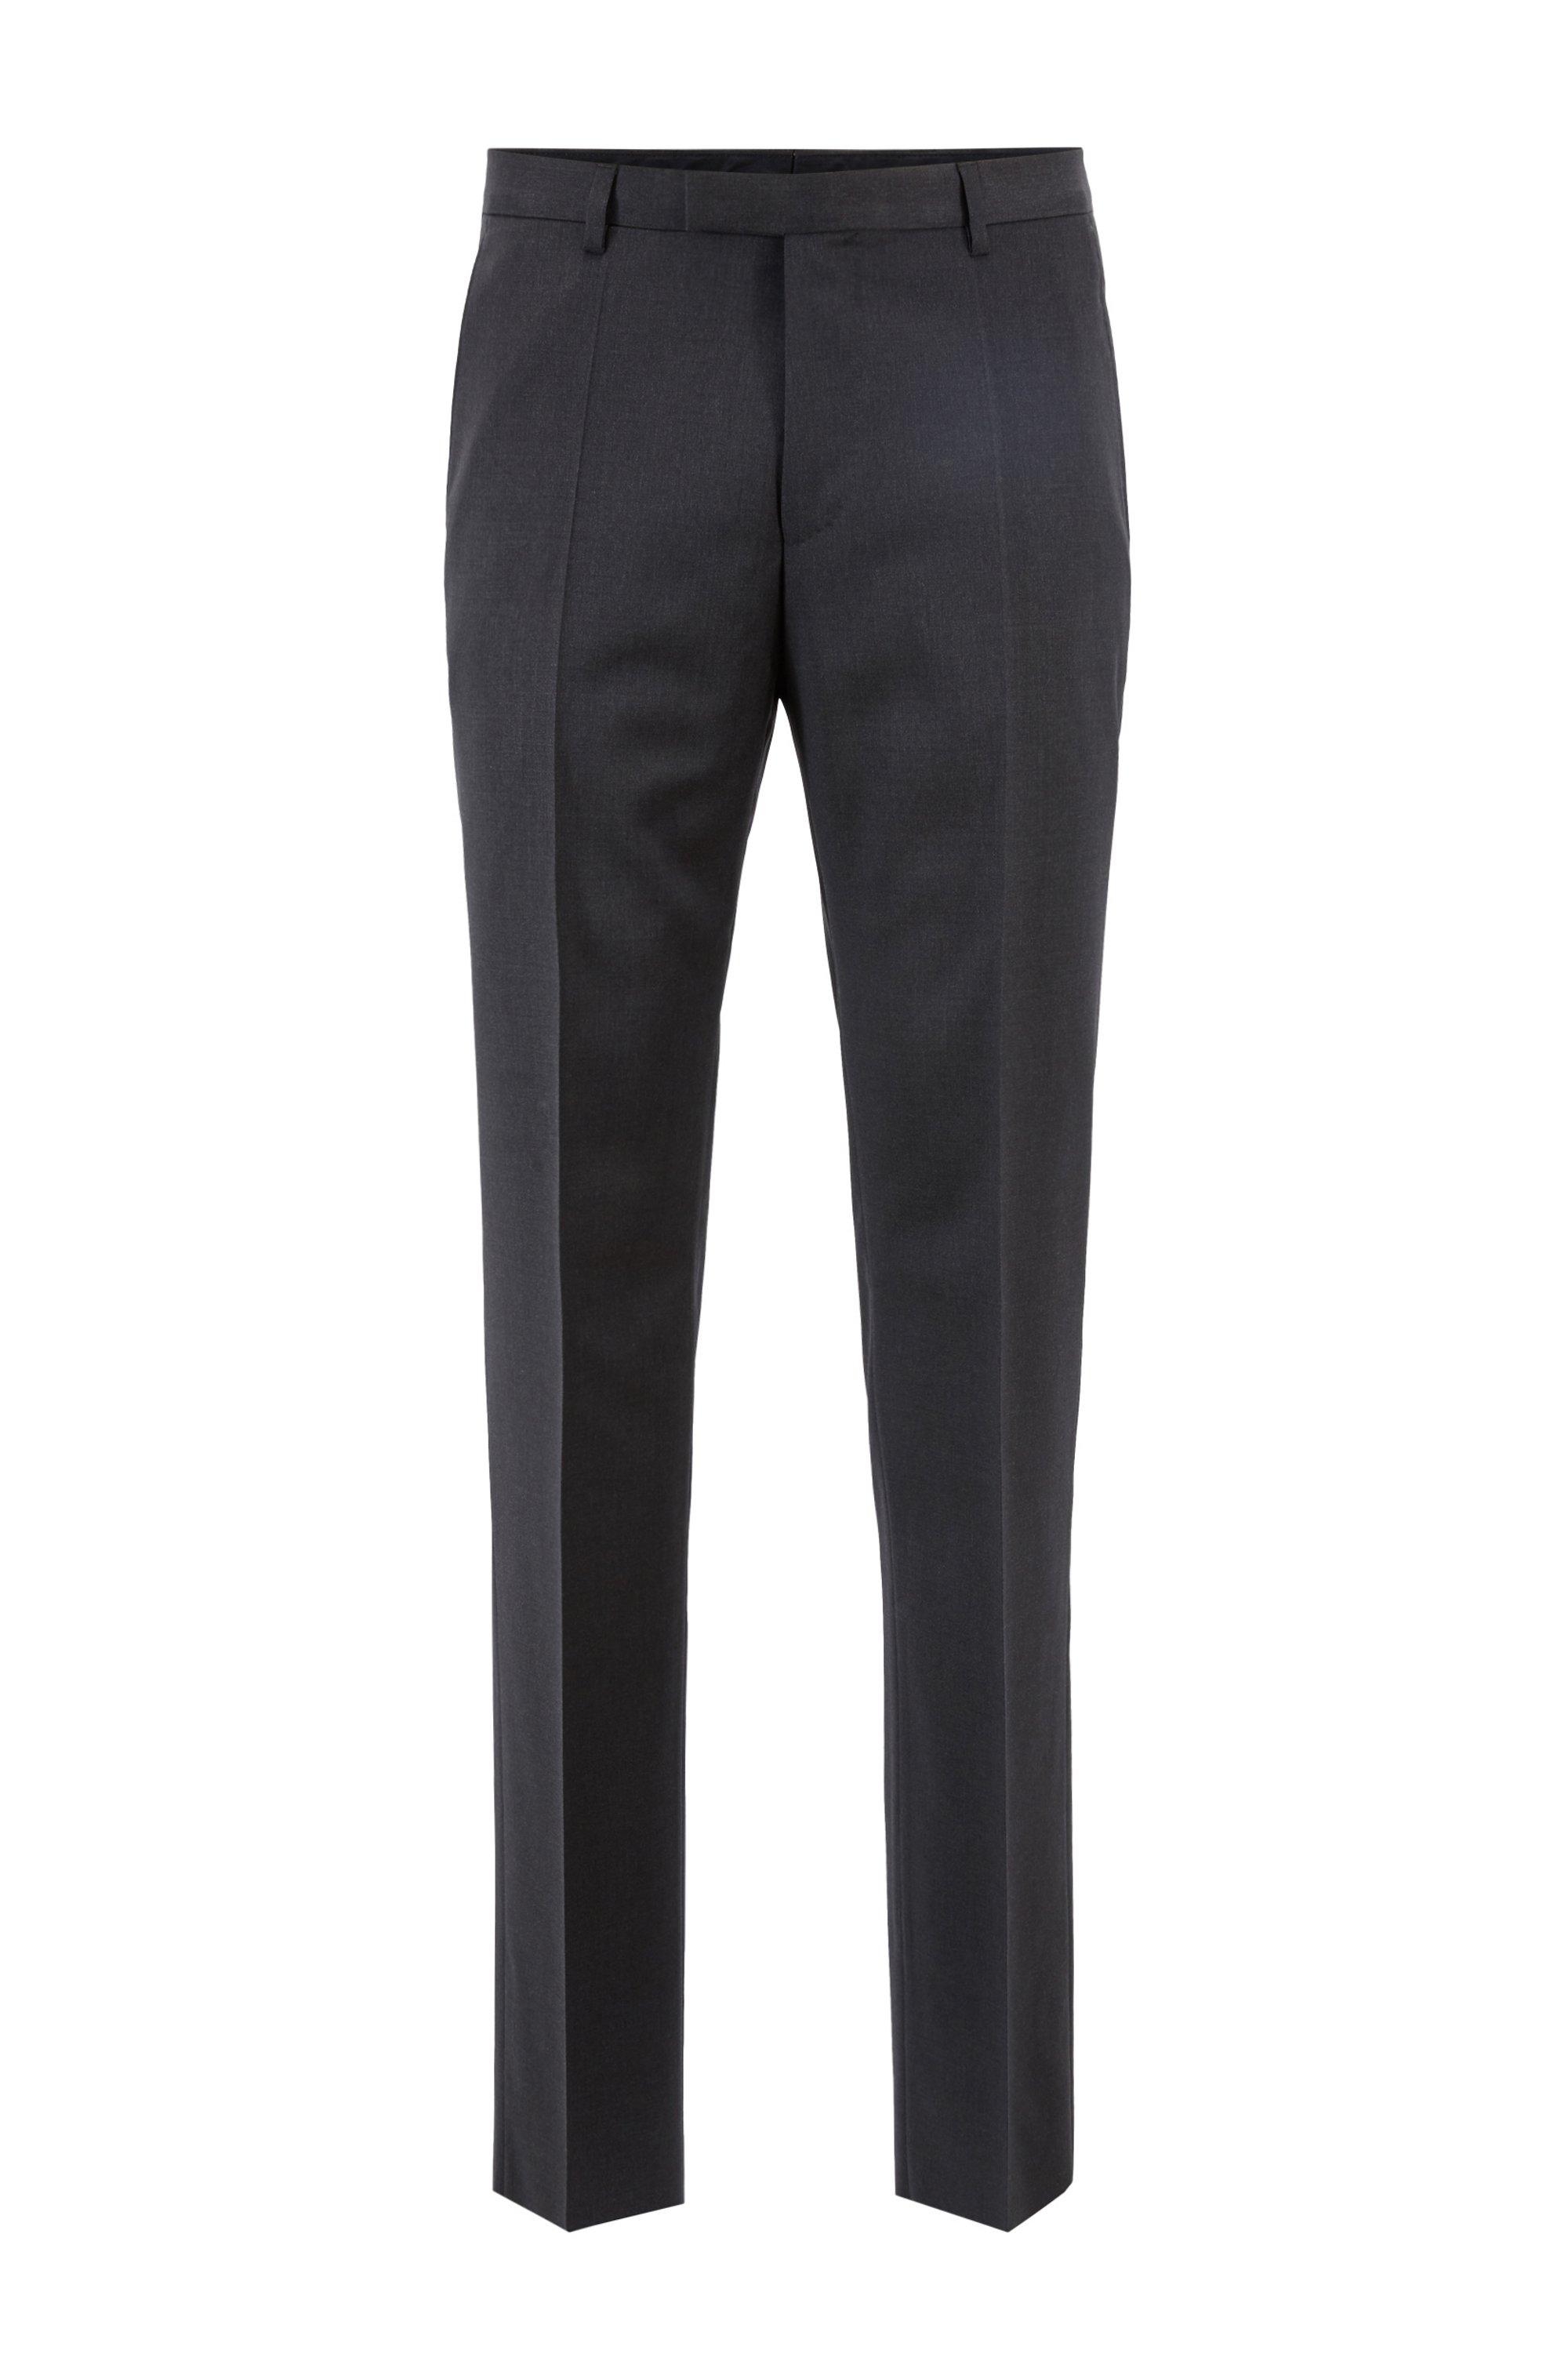 Straight-leg business pants in virgin wool, Dark Grey